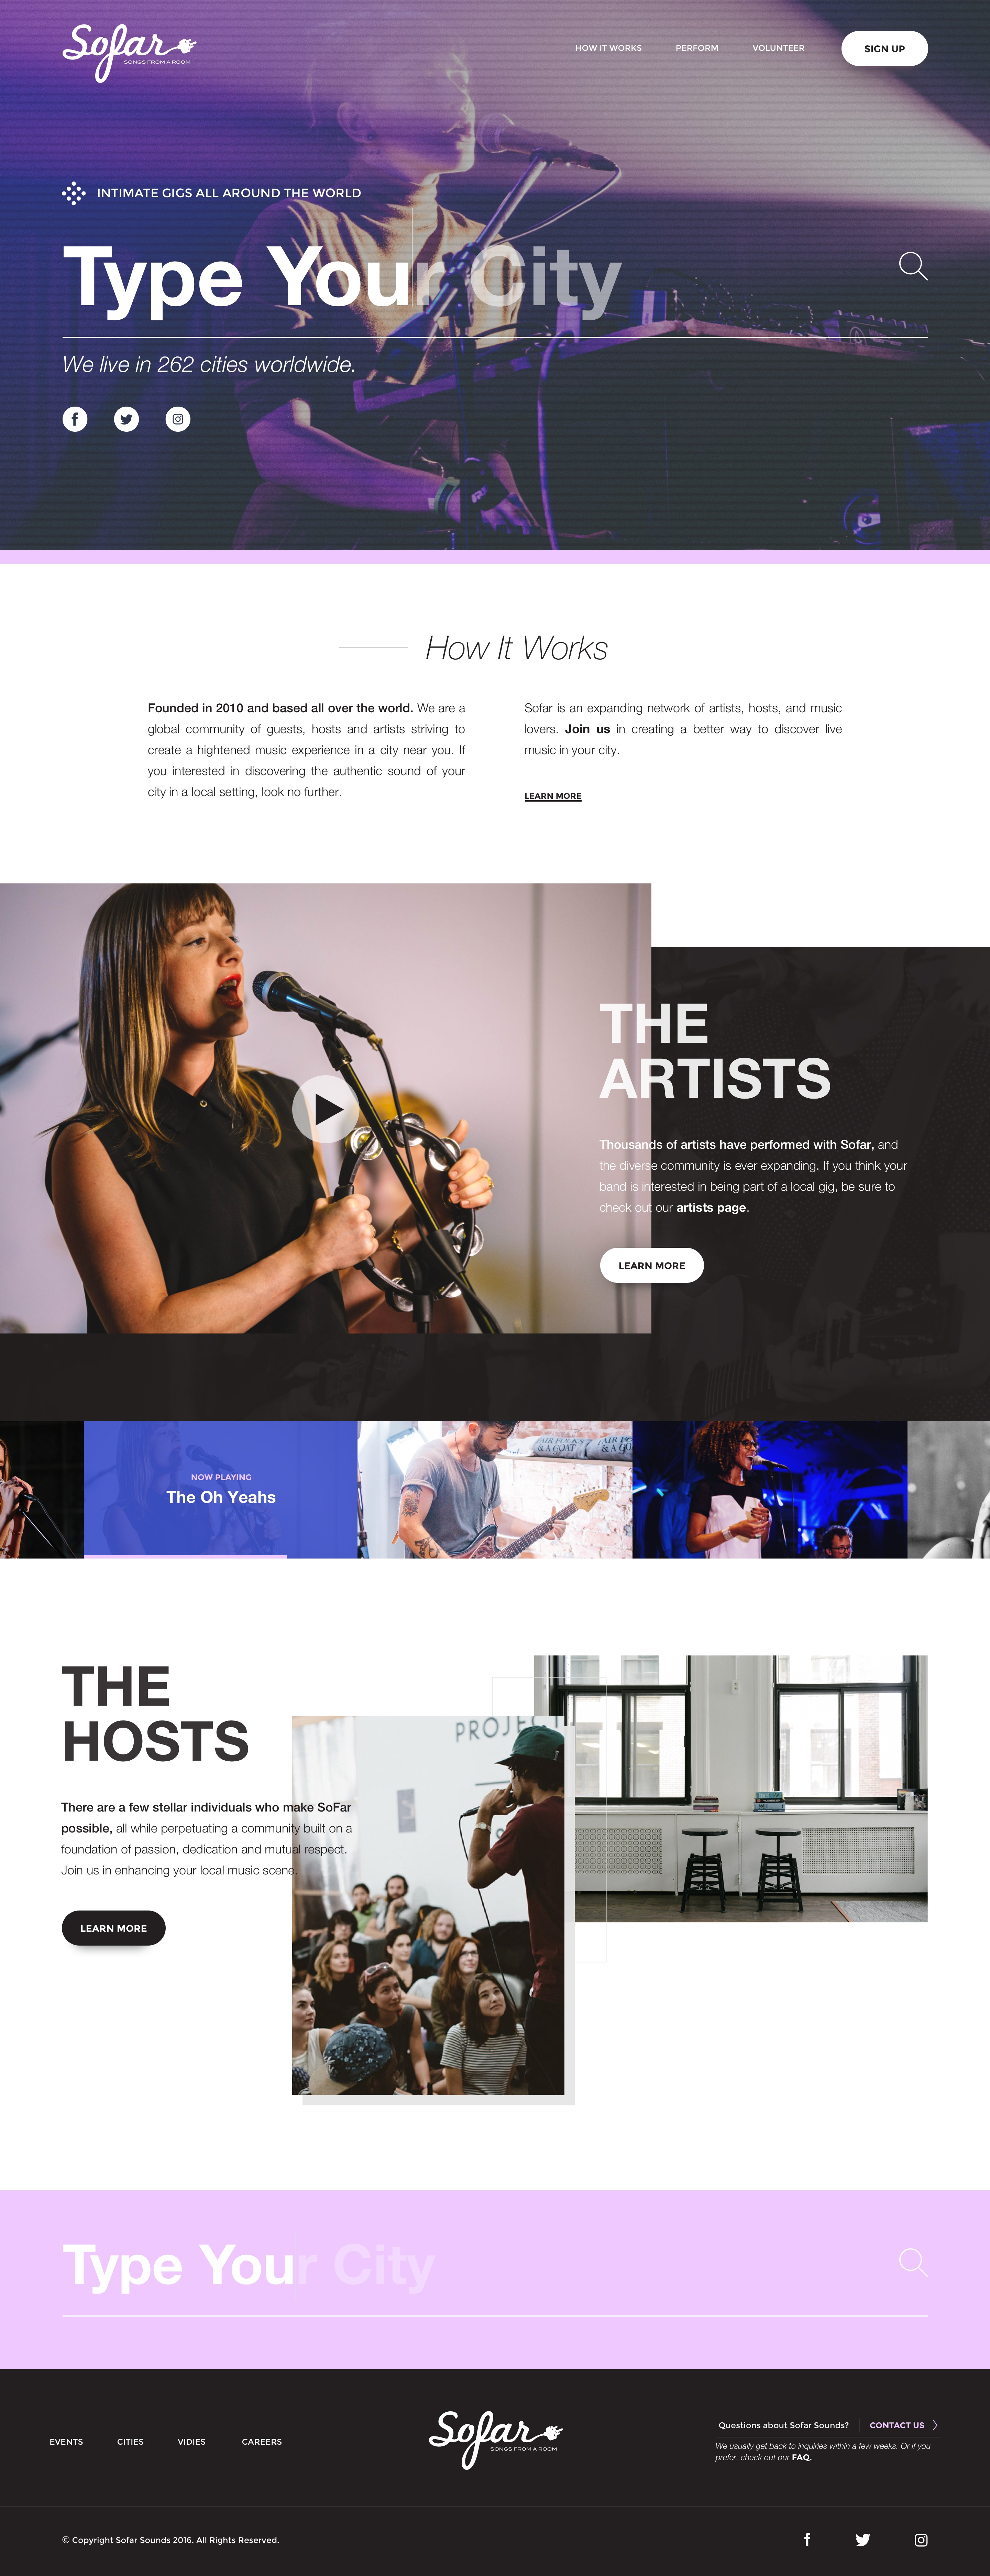 Sofar homepage